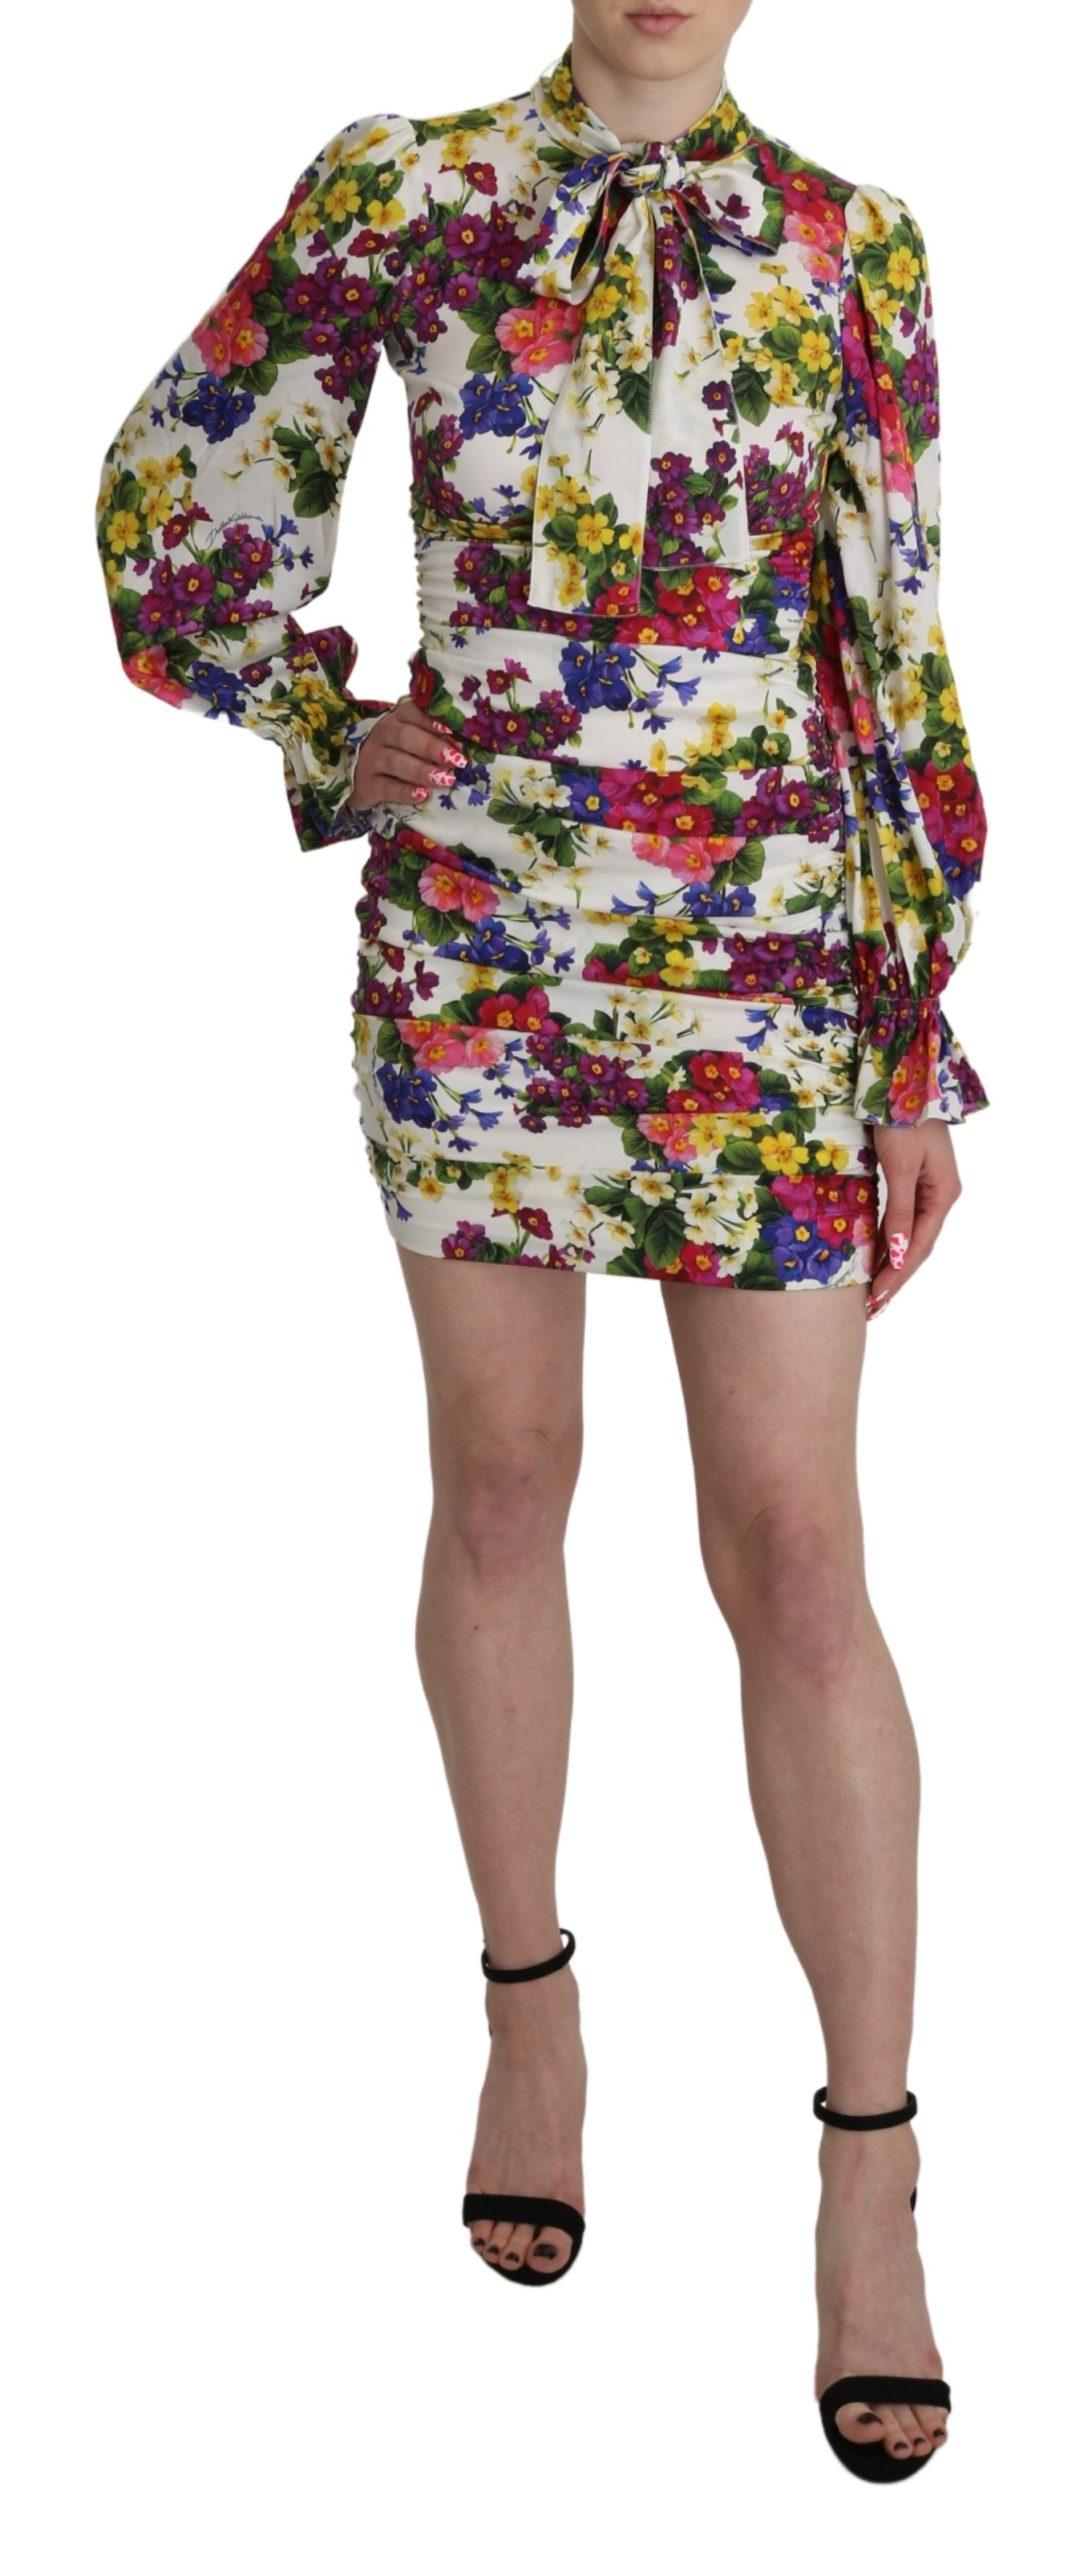 Dolce & Gabbana Women's Silk Floral Sheath Mini Dress White DR2613 - IT38|XS